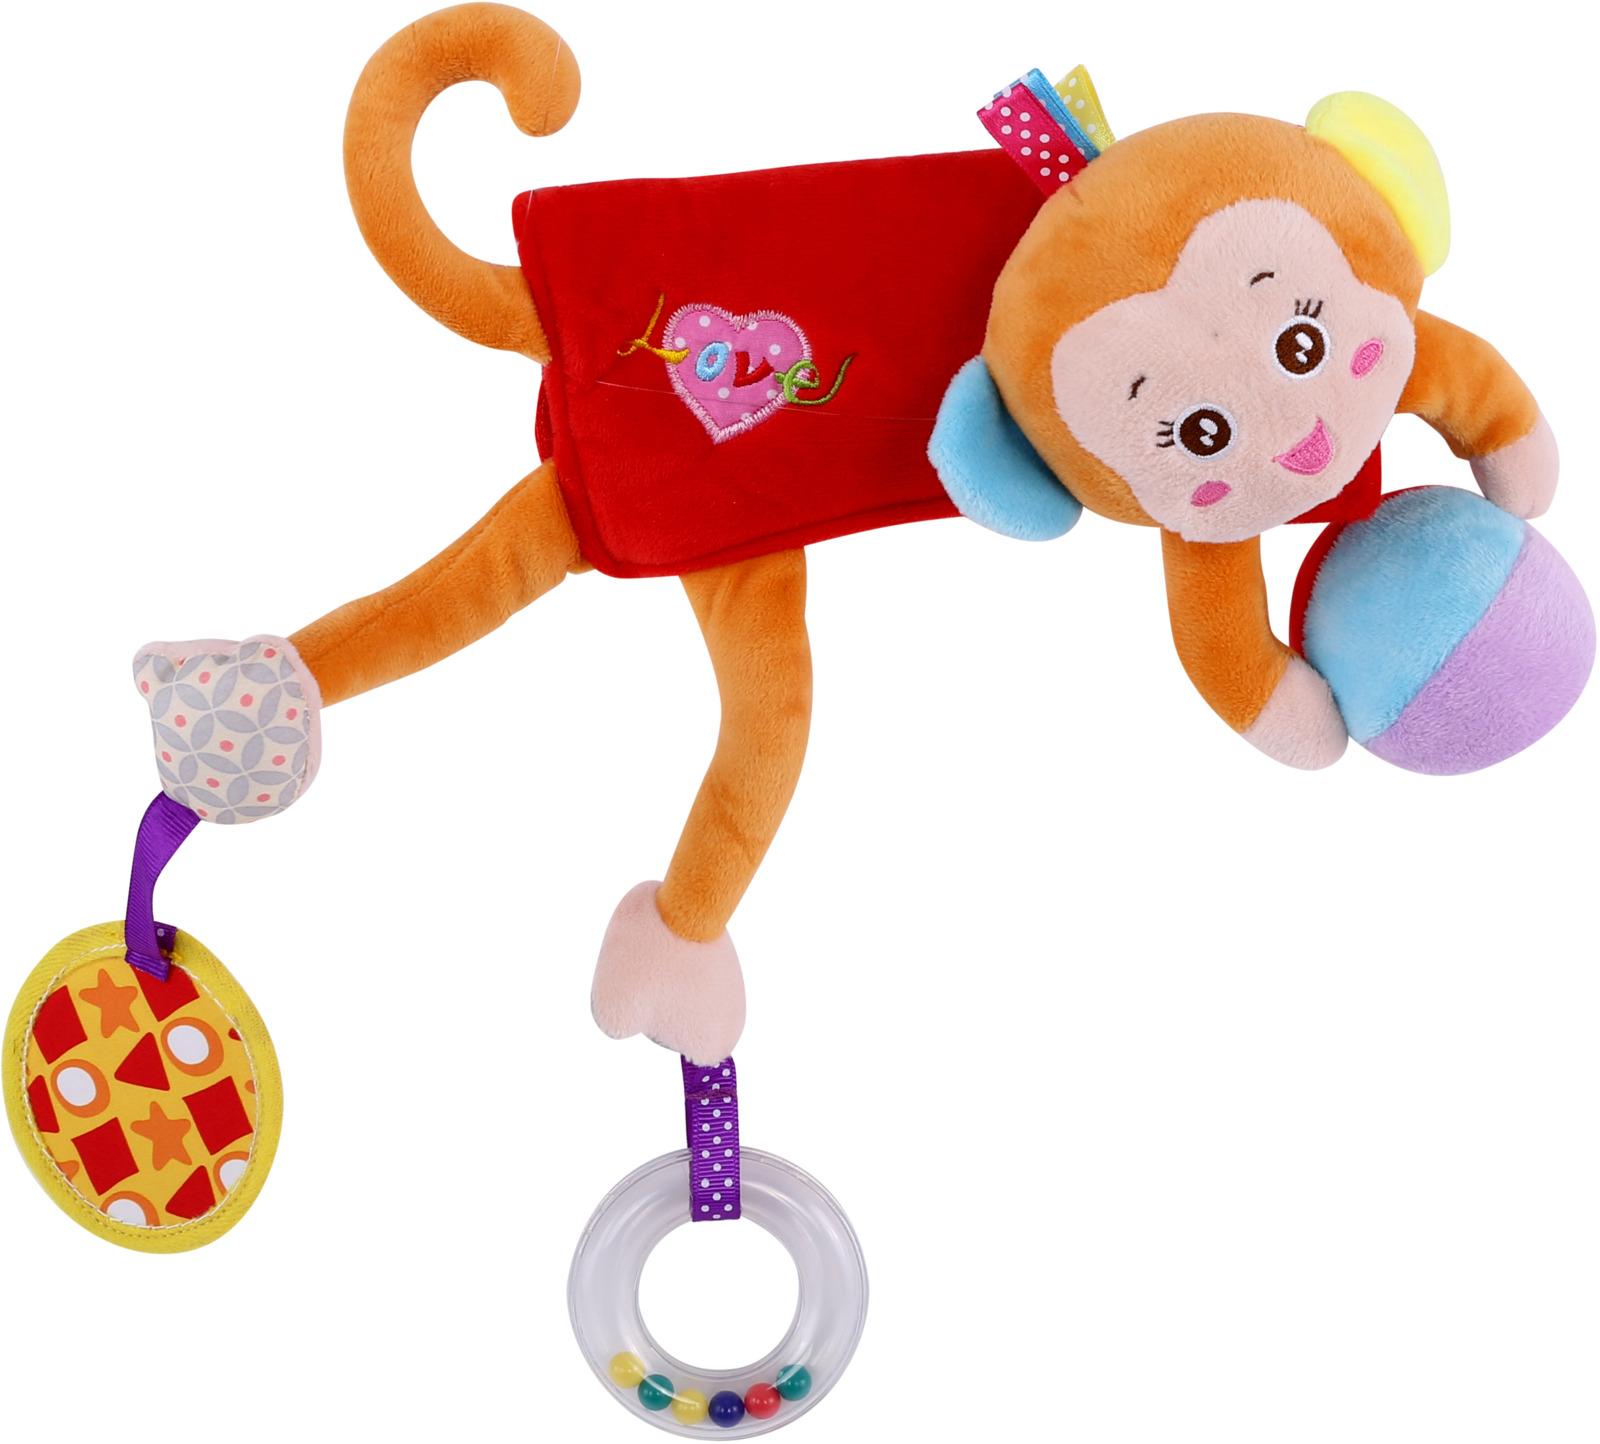 Развивающая игрушка Lorelli Toys Обними меня. Мартышка. 10191260001 развивающая игрушка lorelli toys слоник 1019117